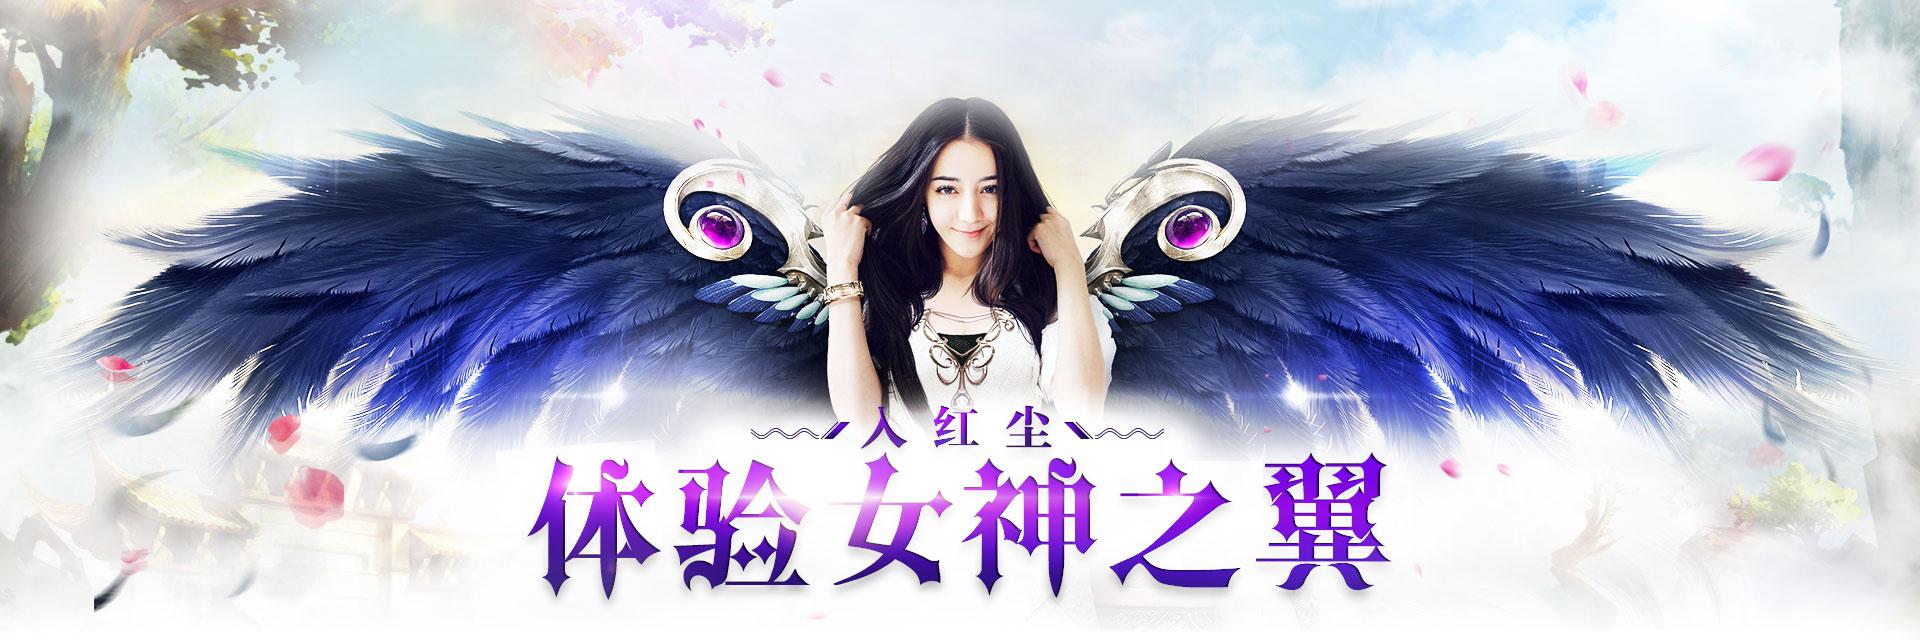 体验女神之翼